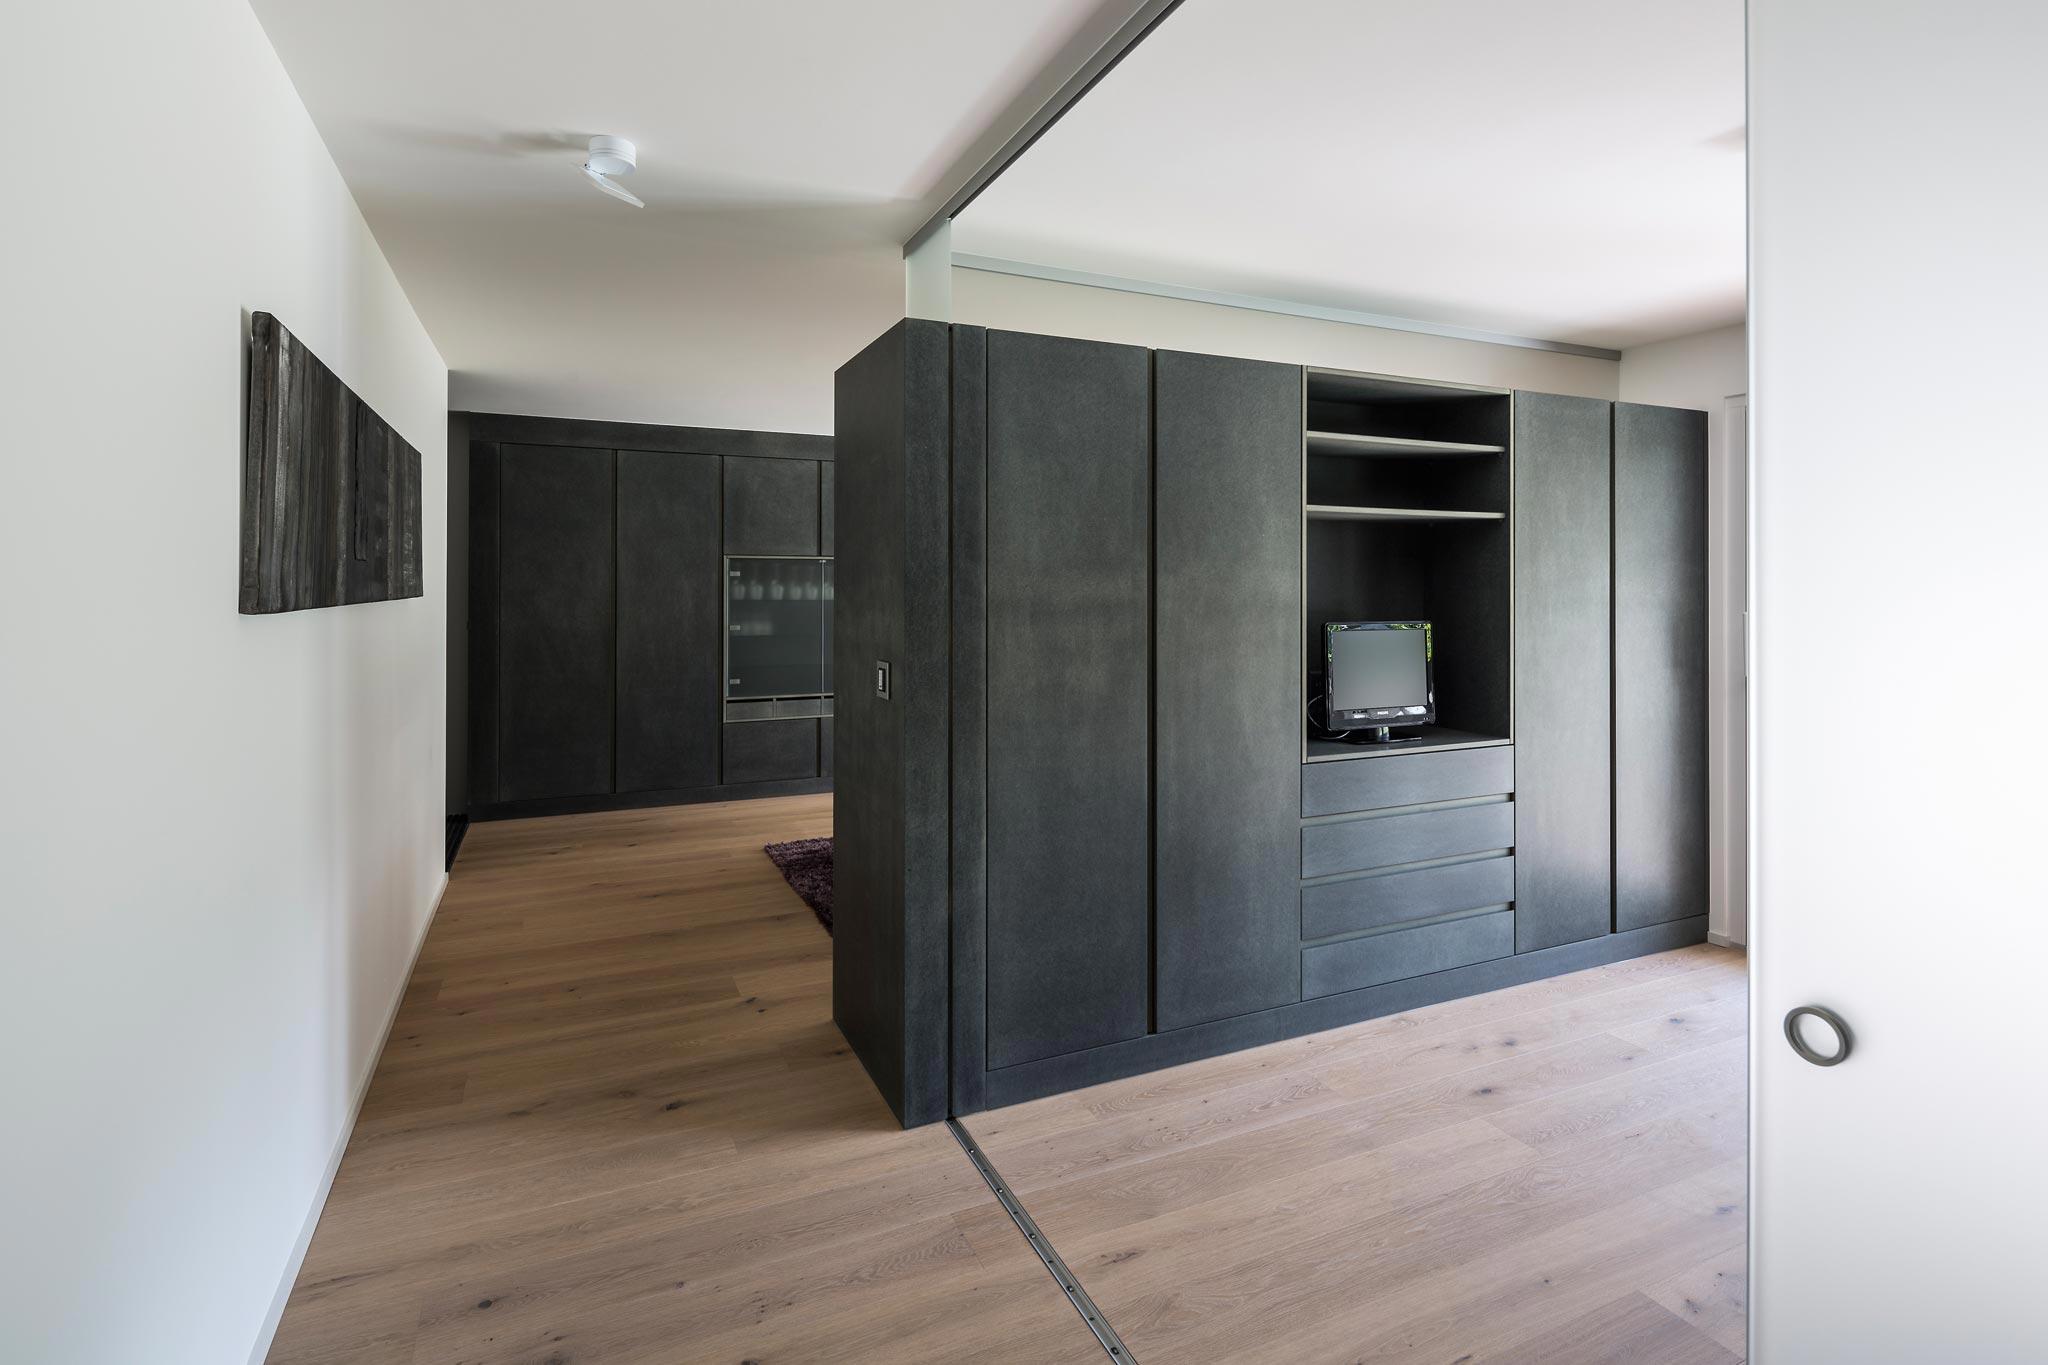 ES Bru 3680 chambre hor 20 05 029 - Une pièce modulable à Fully (Bj)